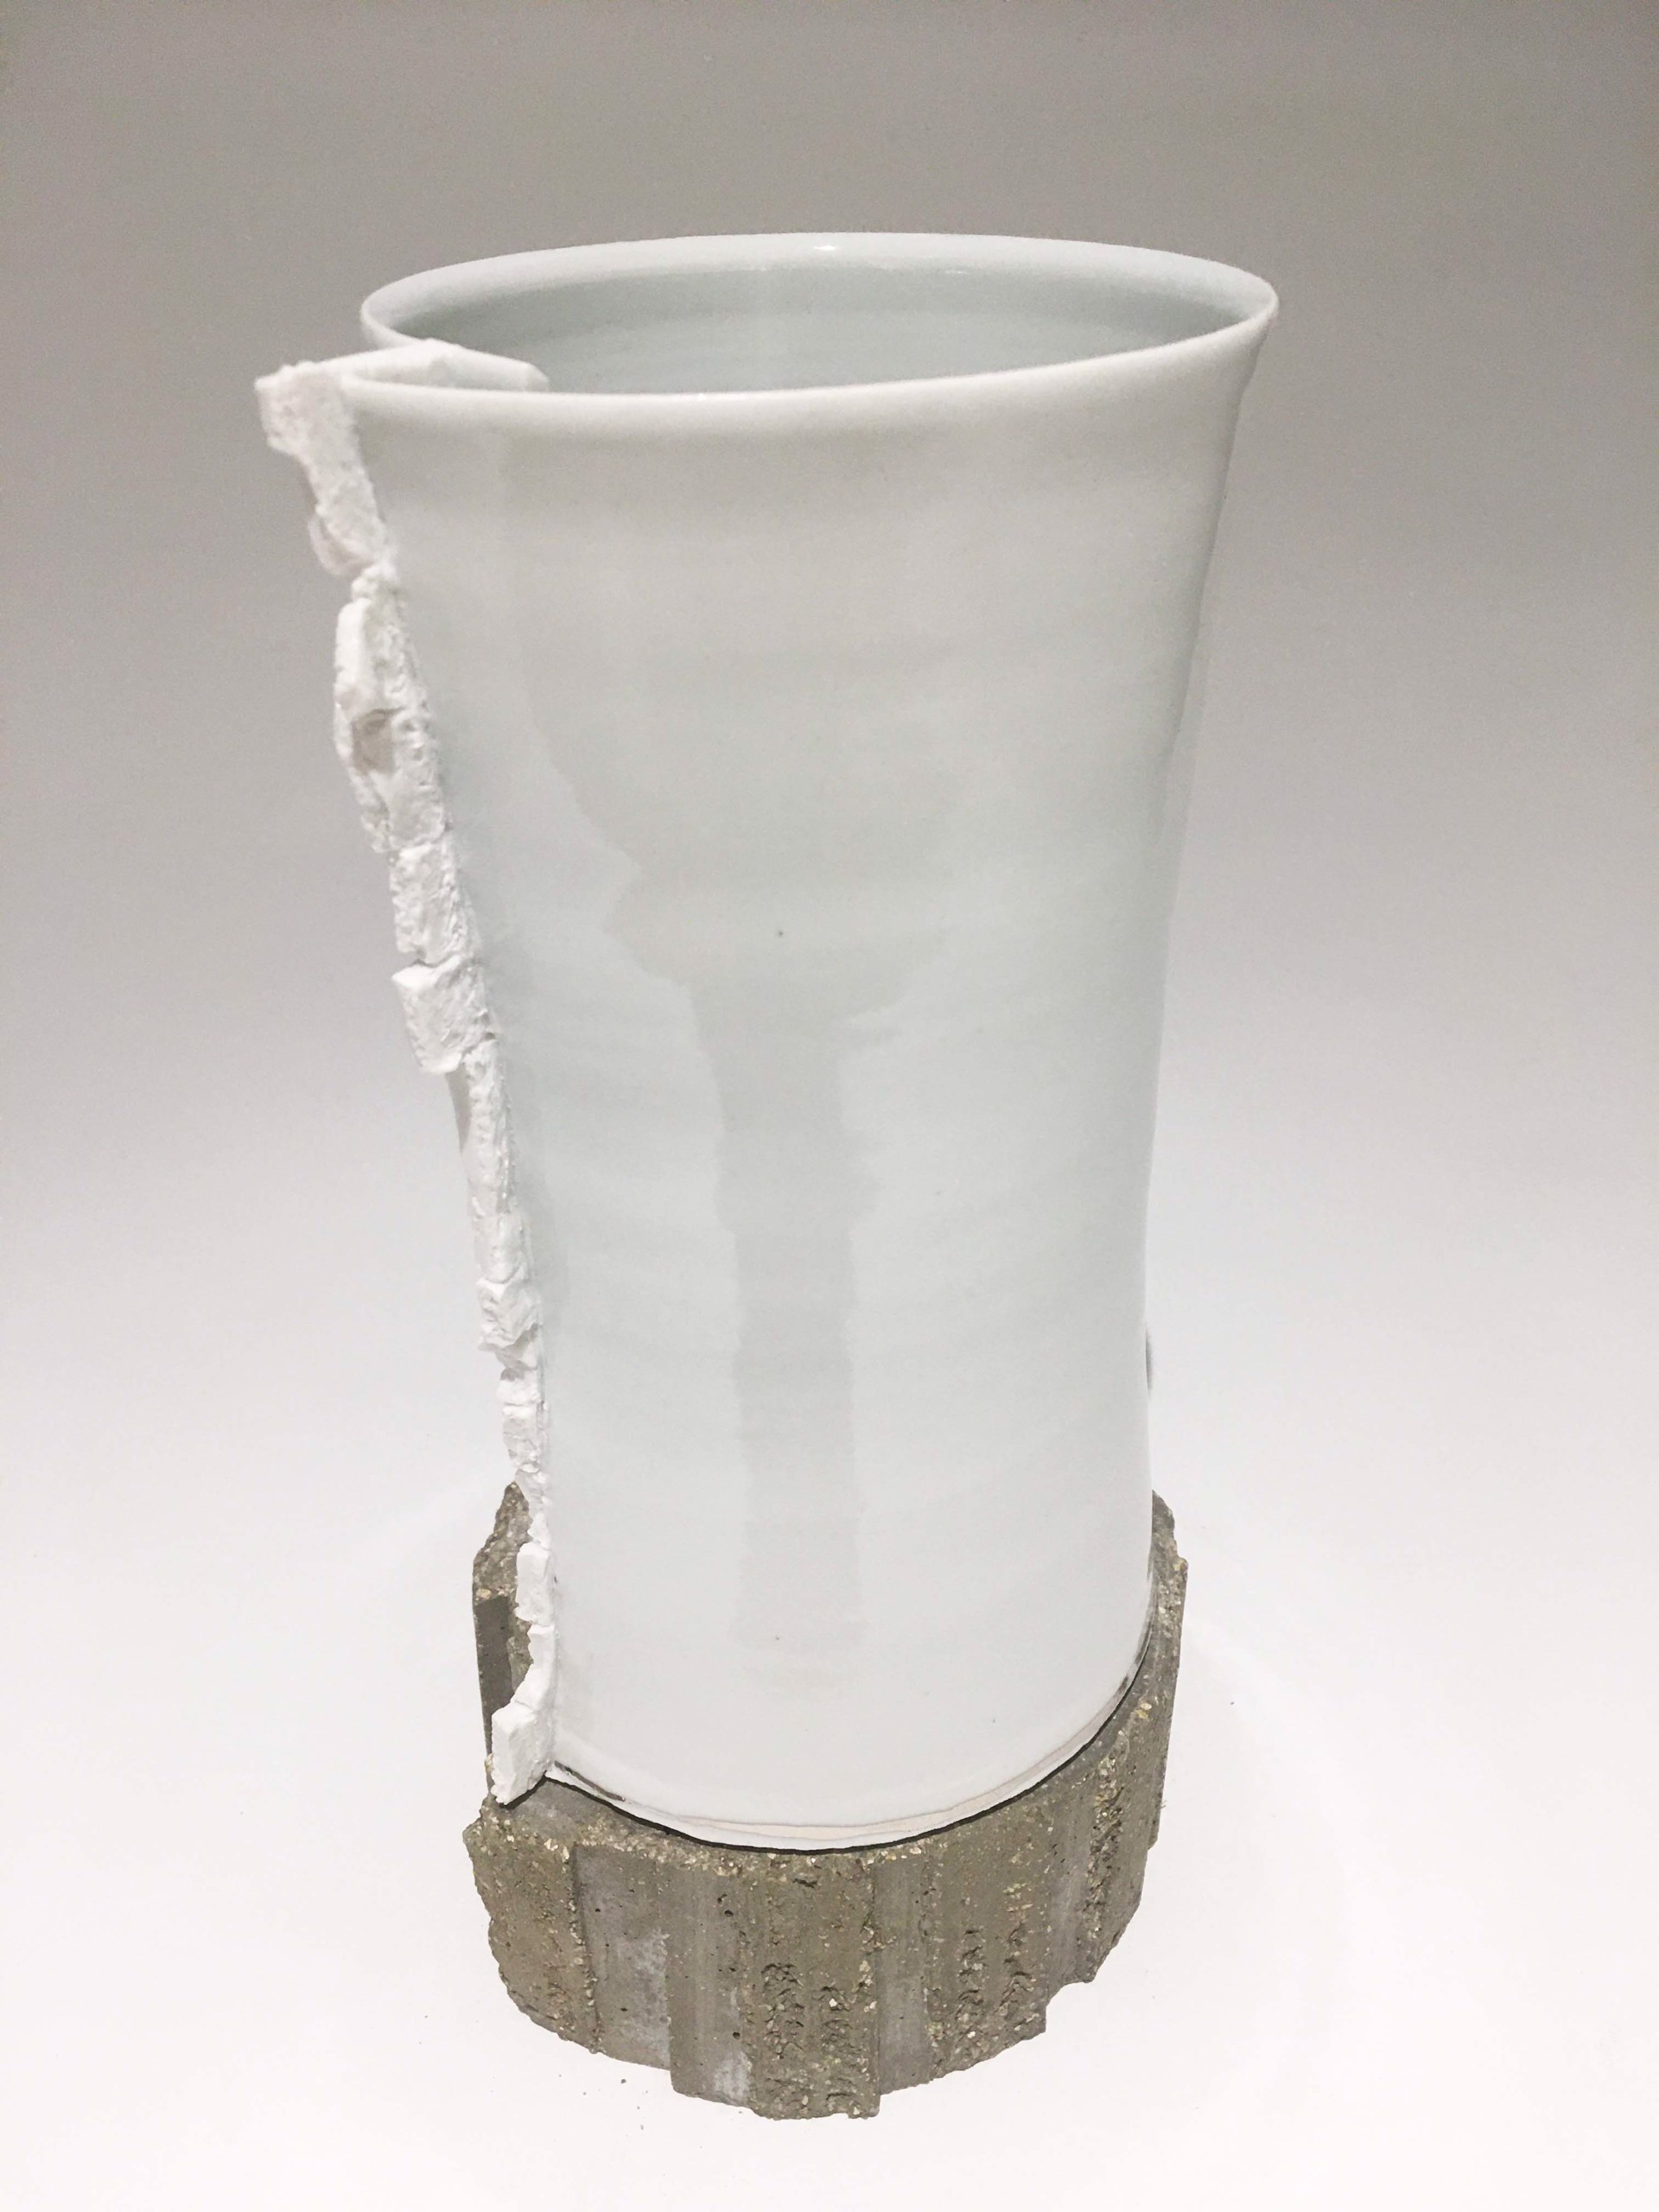 Vase 5 by Bryan Hopkins